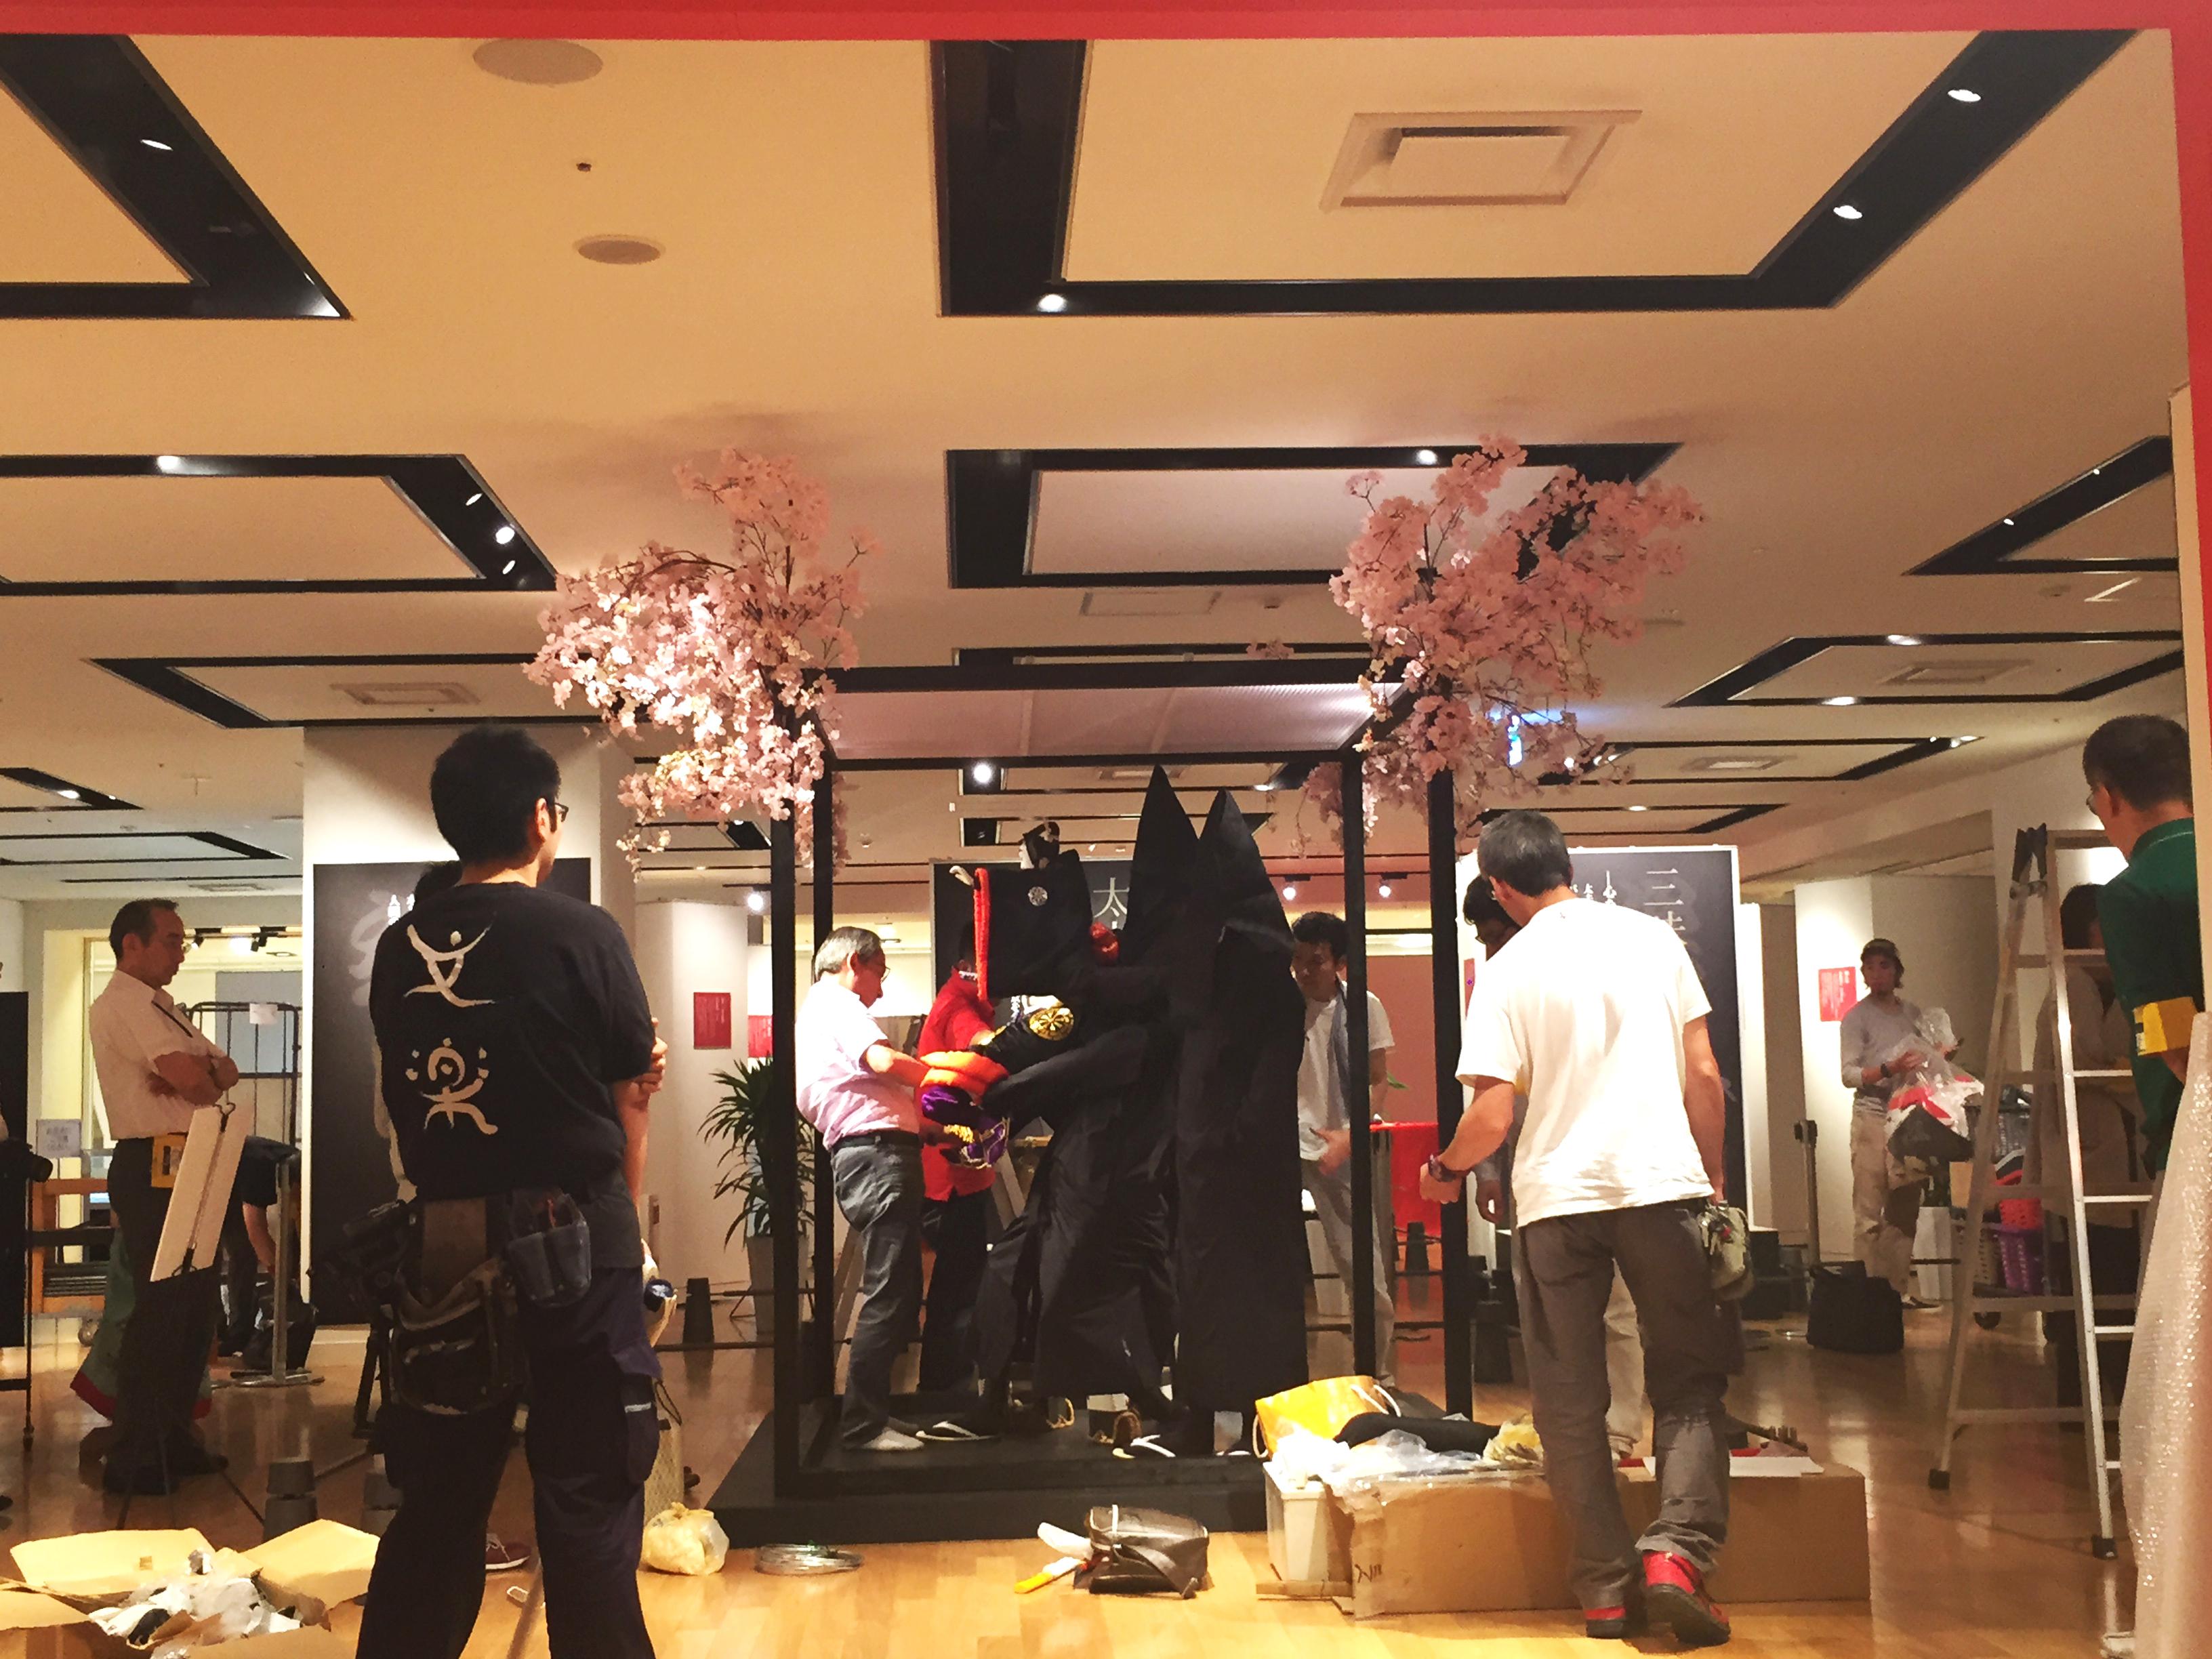 梅田阪急さんで開催中の文楽の世界展。 企画、デザイン・施工をさせて頂きました。 準備風景です。